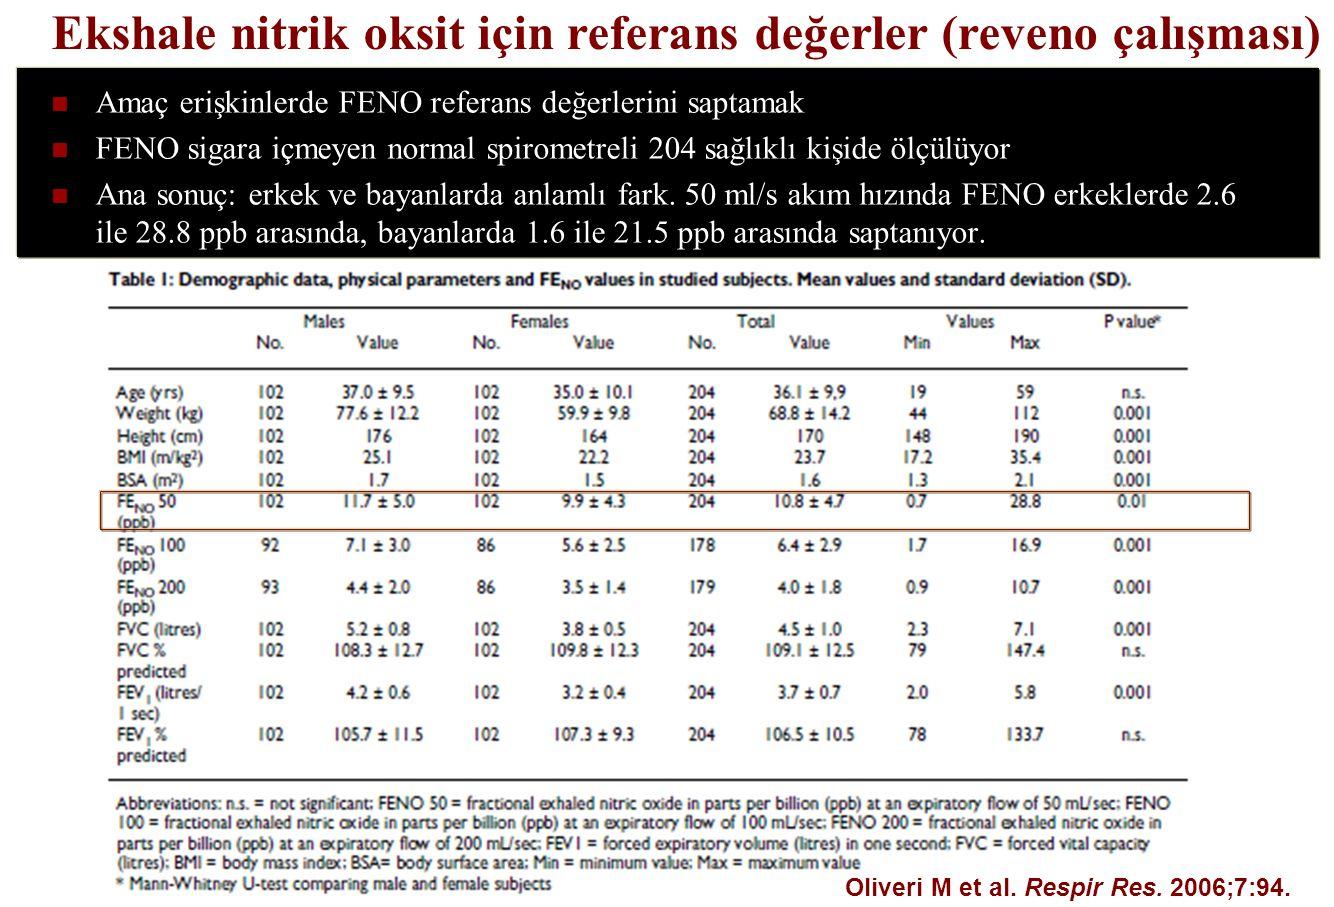 Ekshale nitrik oksit için referans değerler (reveno çalışması) Oliveri M et al. Respir Res. 2006;7:94. Amaç erişkinlerde FENO referans değerlerini sap